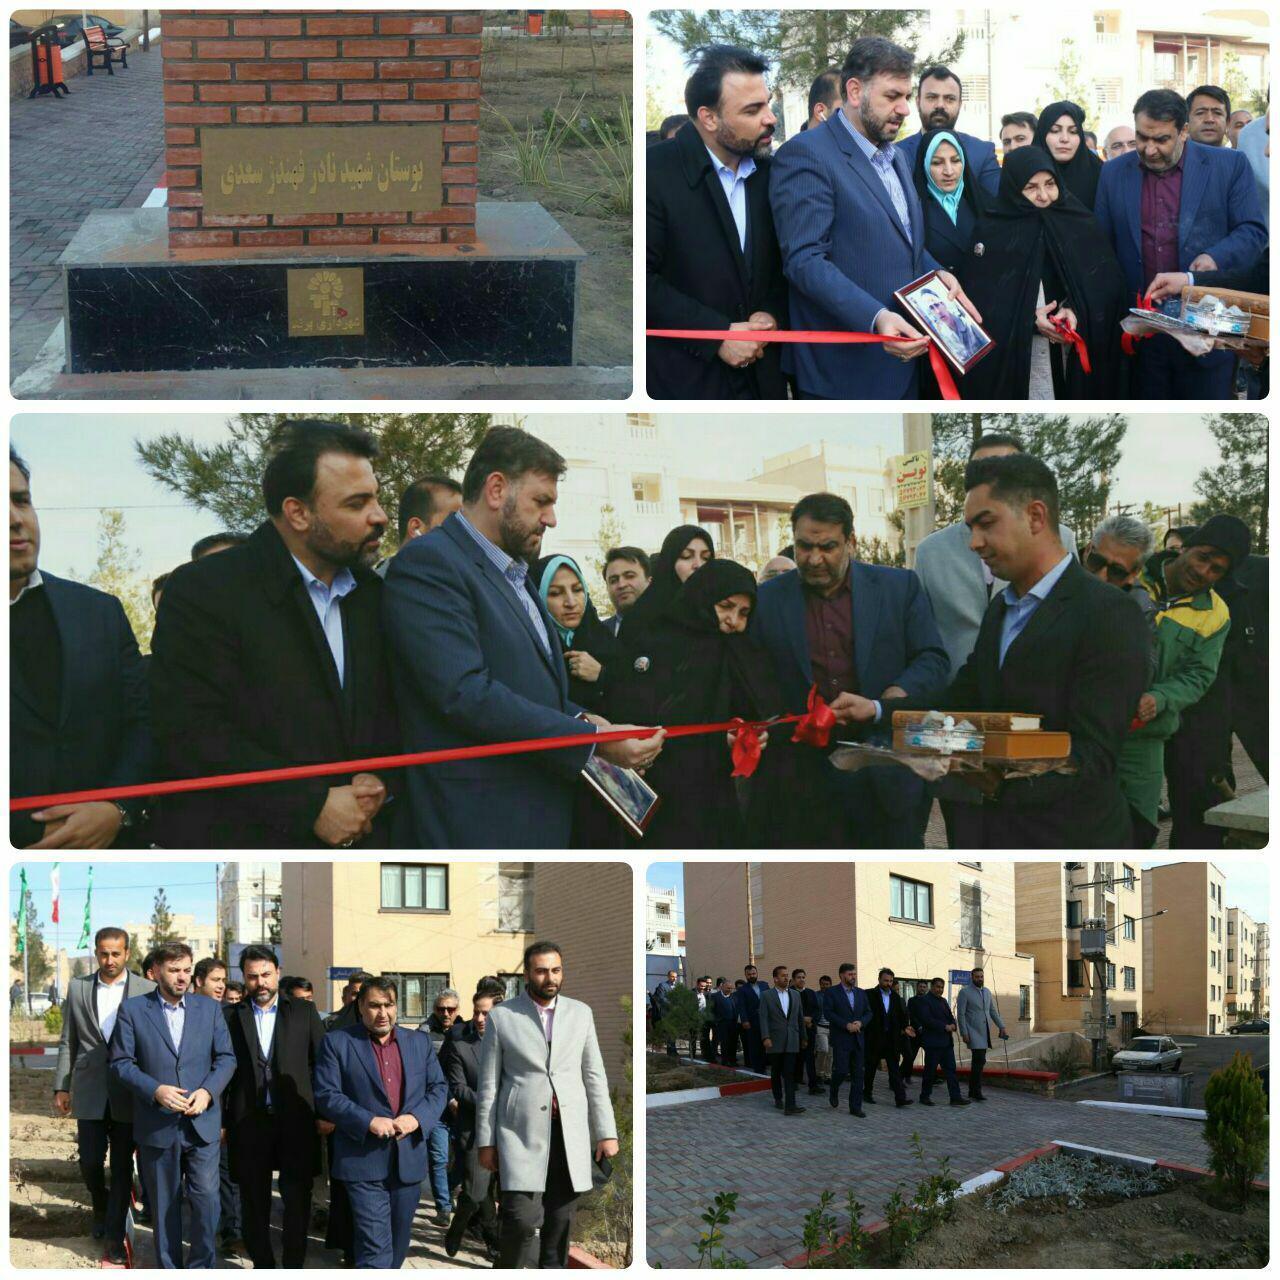 خدمتی دیگر از شهرداری پرند/ بوستان محله ای شهید نادر فهندژ سعدی در فاز یک شهر پرند افتتاح شد